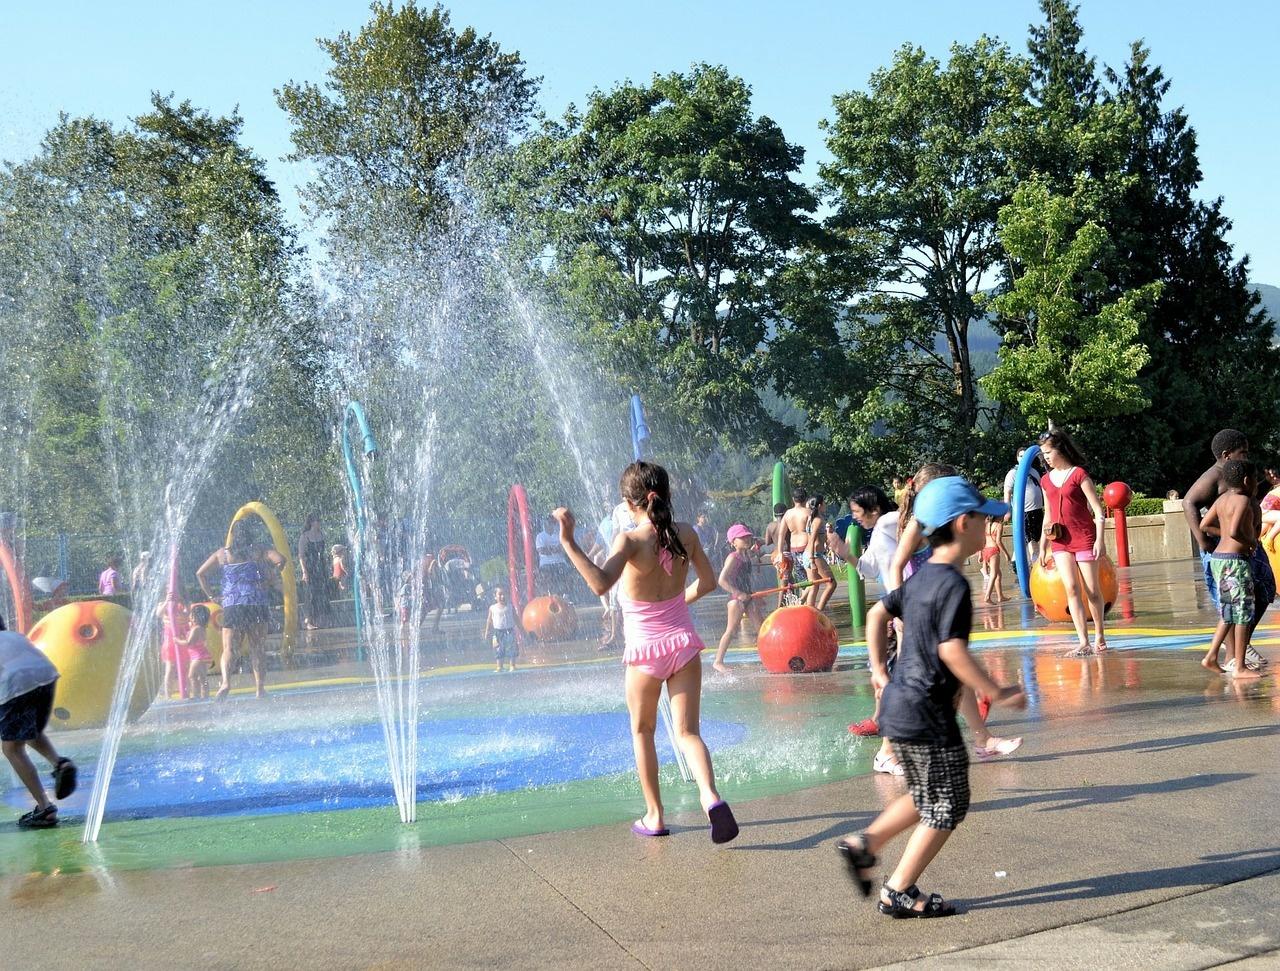 Orų anomalijos: centrinė Europa šąla, o Rusiją svilina ekstremalus karštis